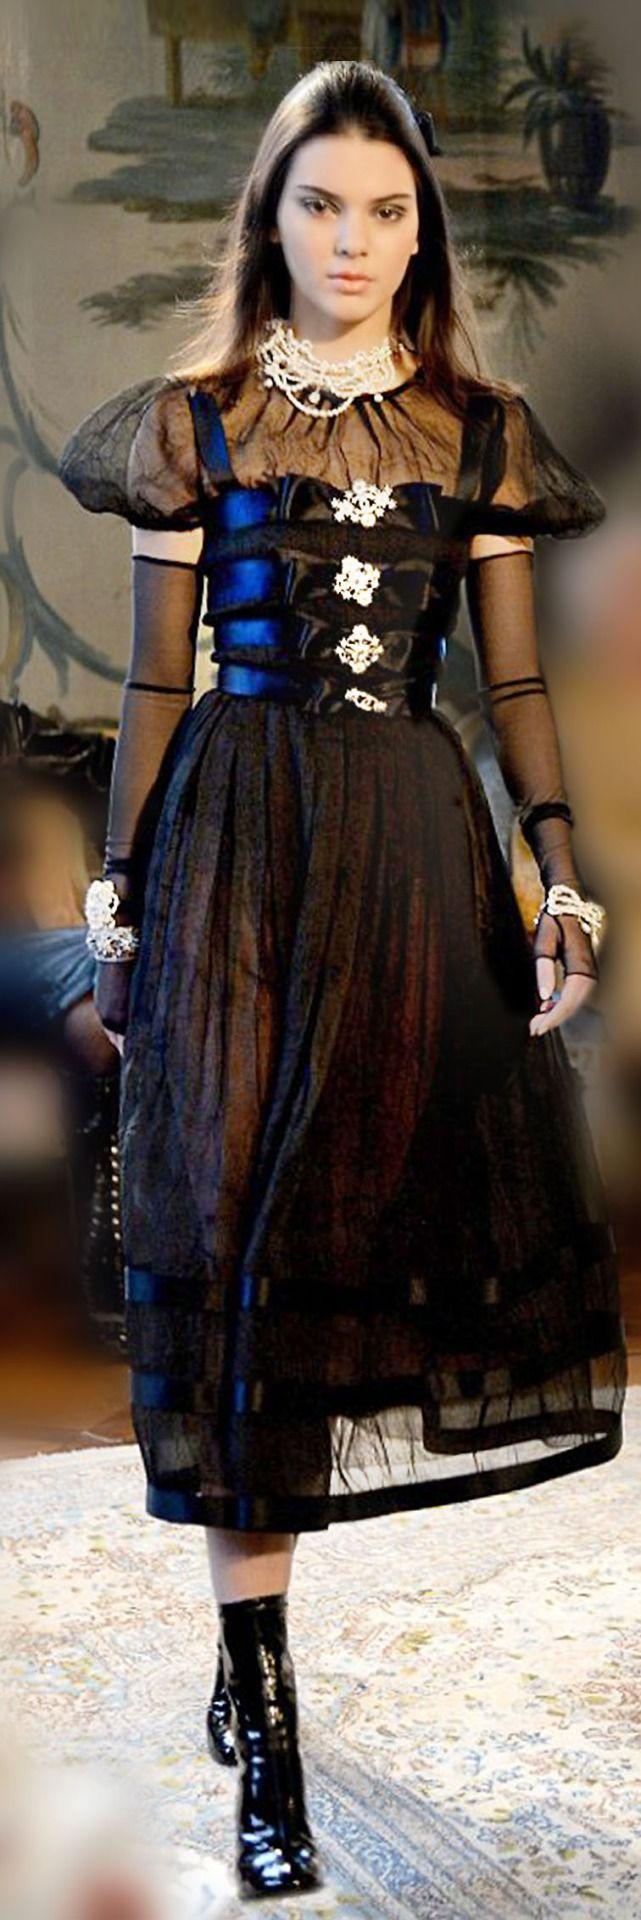 Farb Und Stilberatung Mit Www Farben Reich Chanel S Metiers D